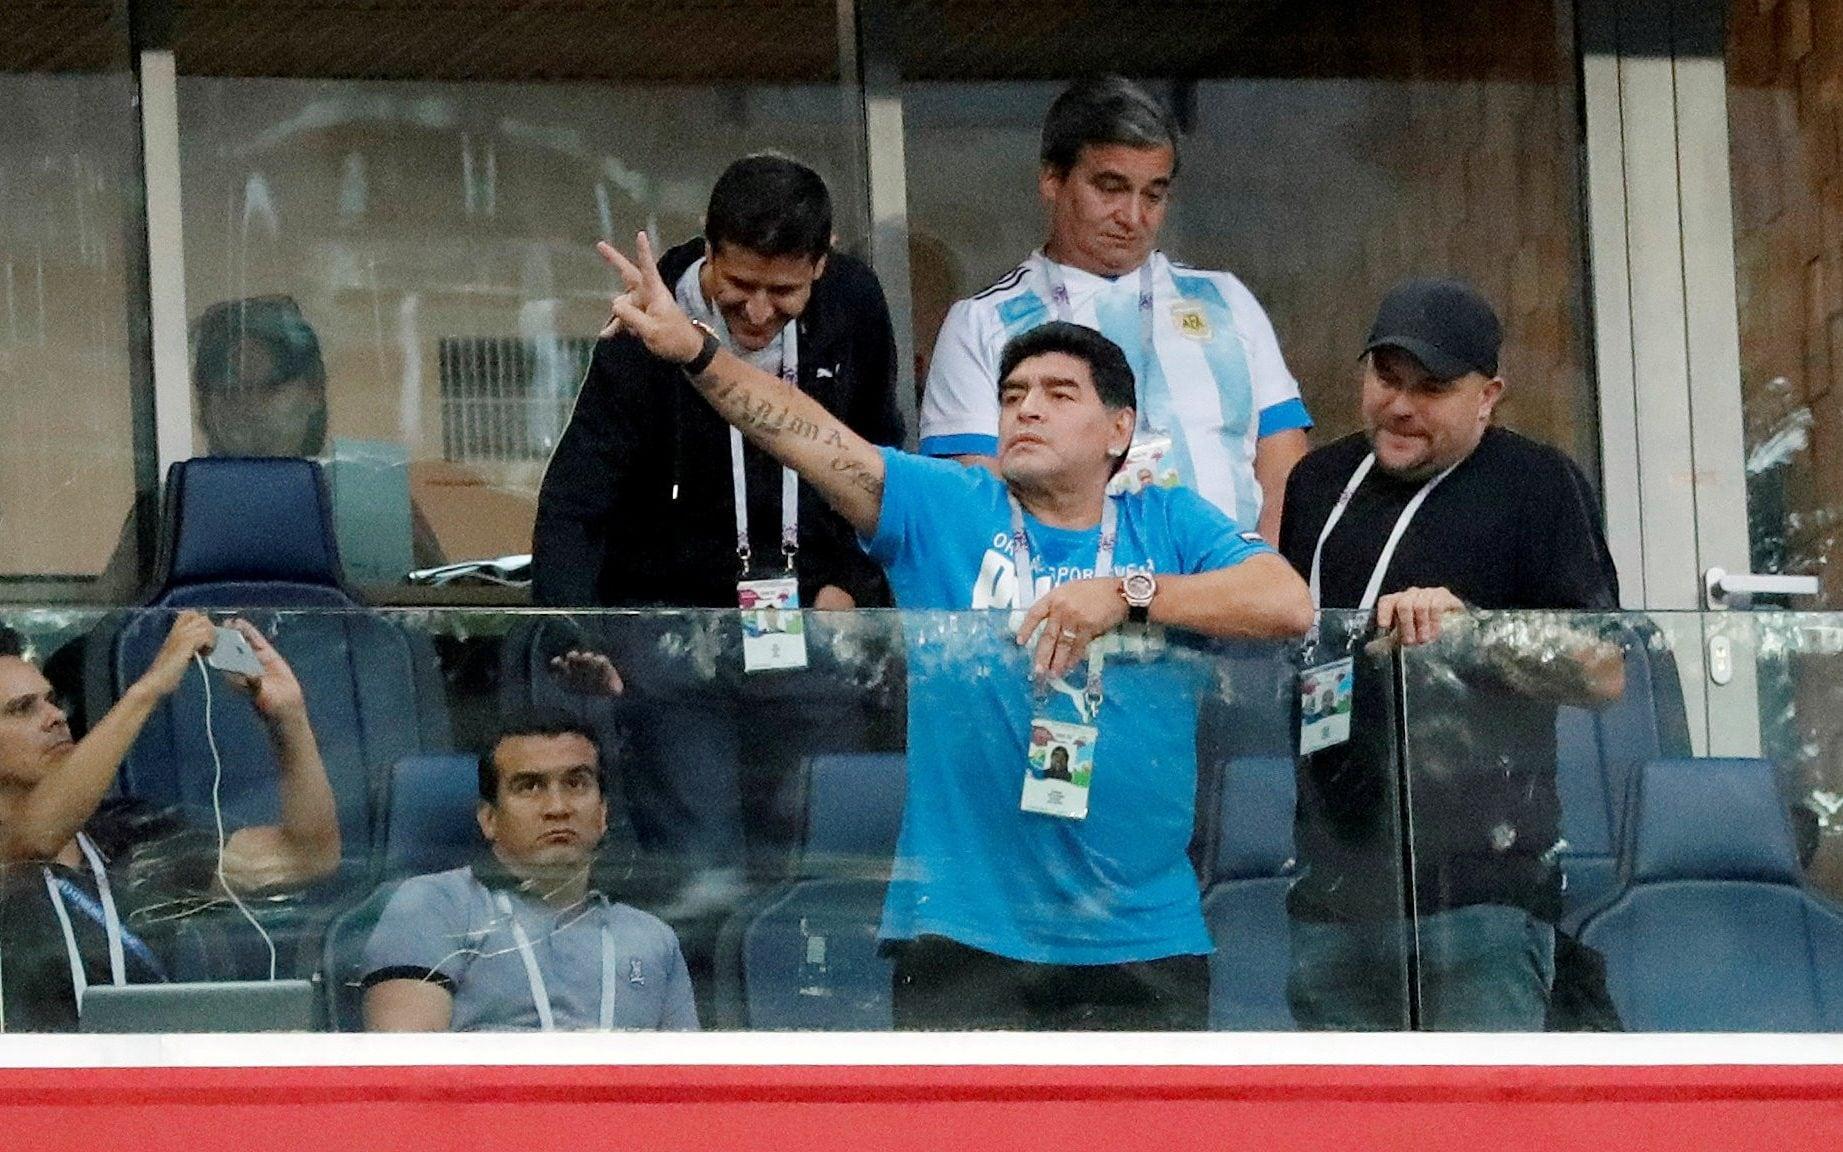 Maradona as an ambassador for Fifa